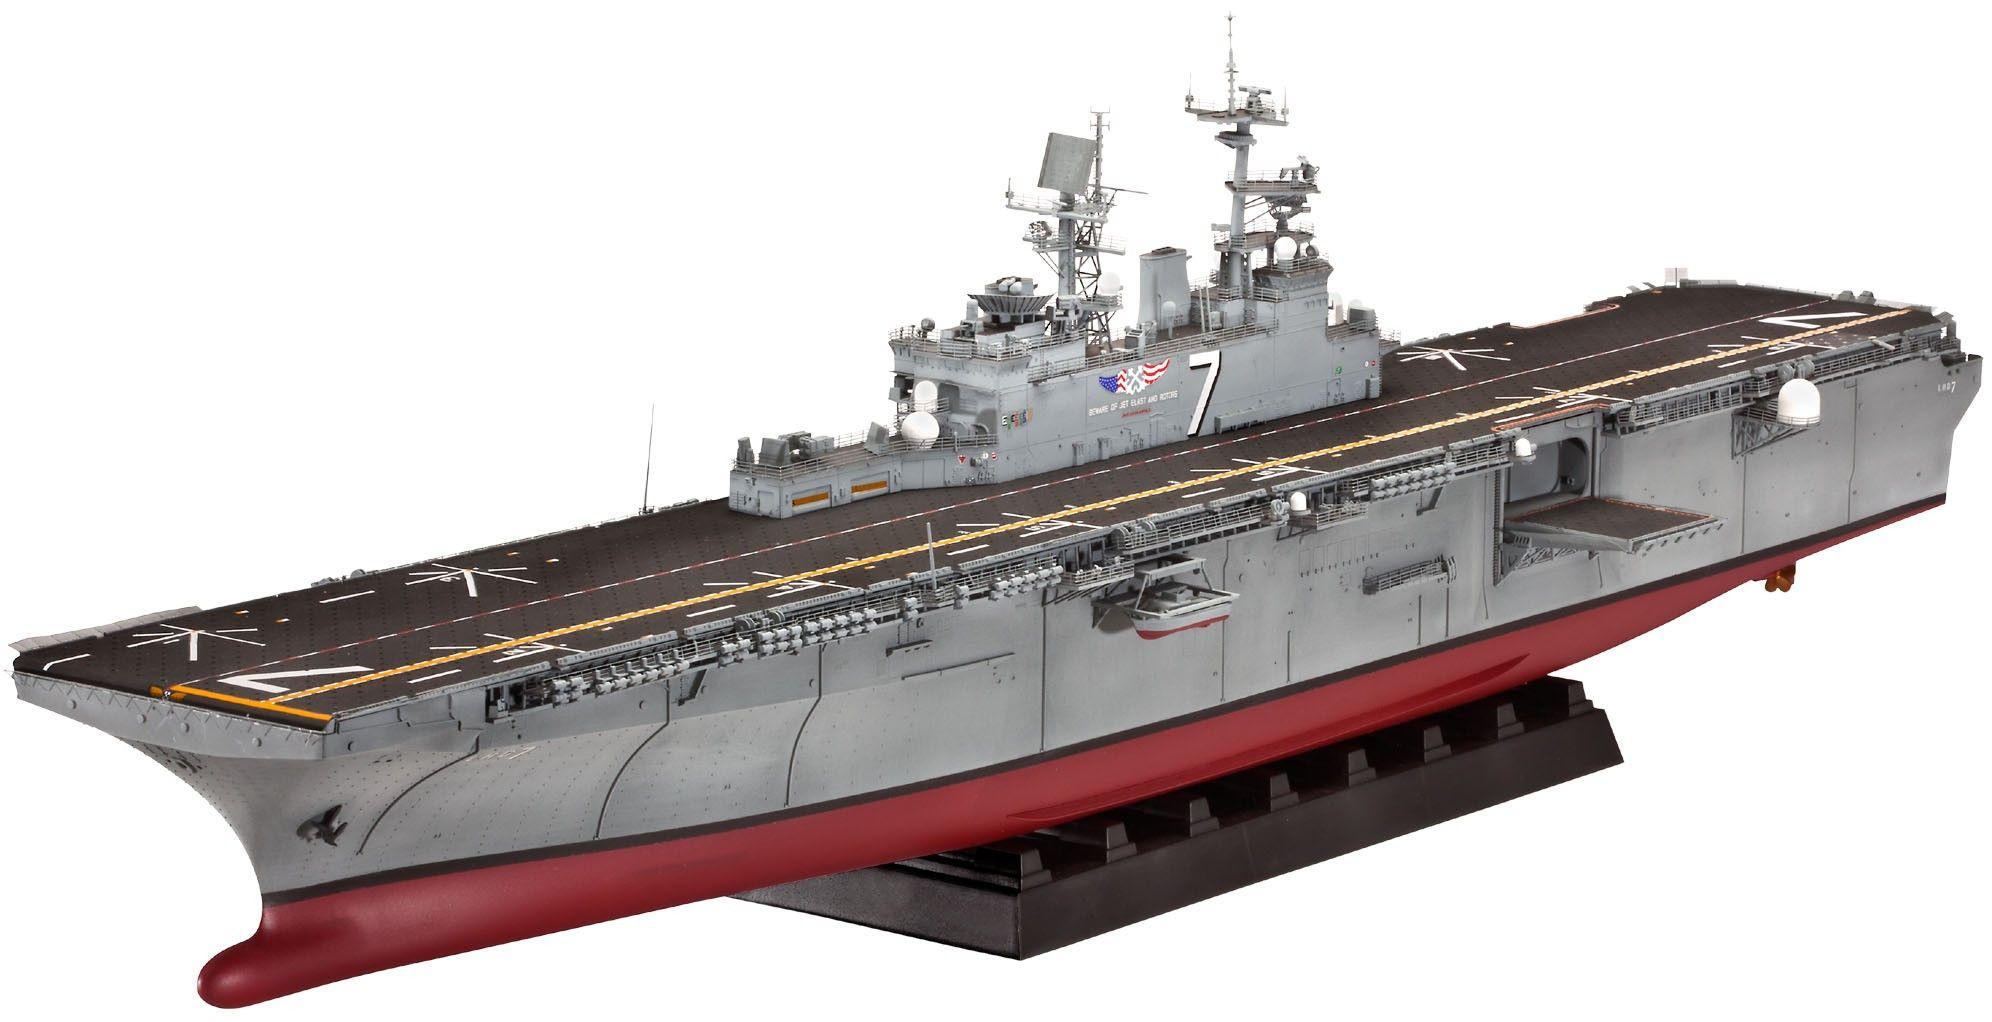 Сглобяем модел на кораб-самолетоносач Revell - Amphibious Assault Ship U.S.S. IWO JIMA (LHD-7) (05109) - 1